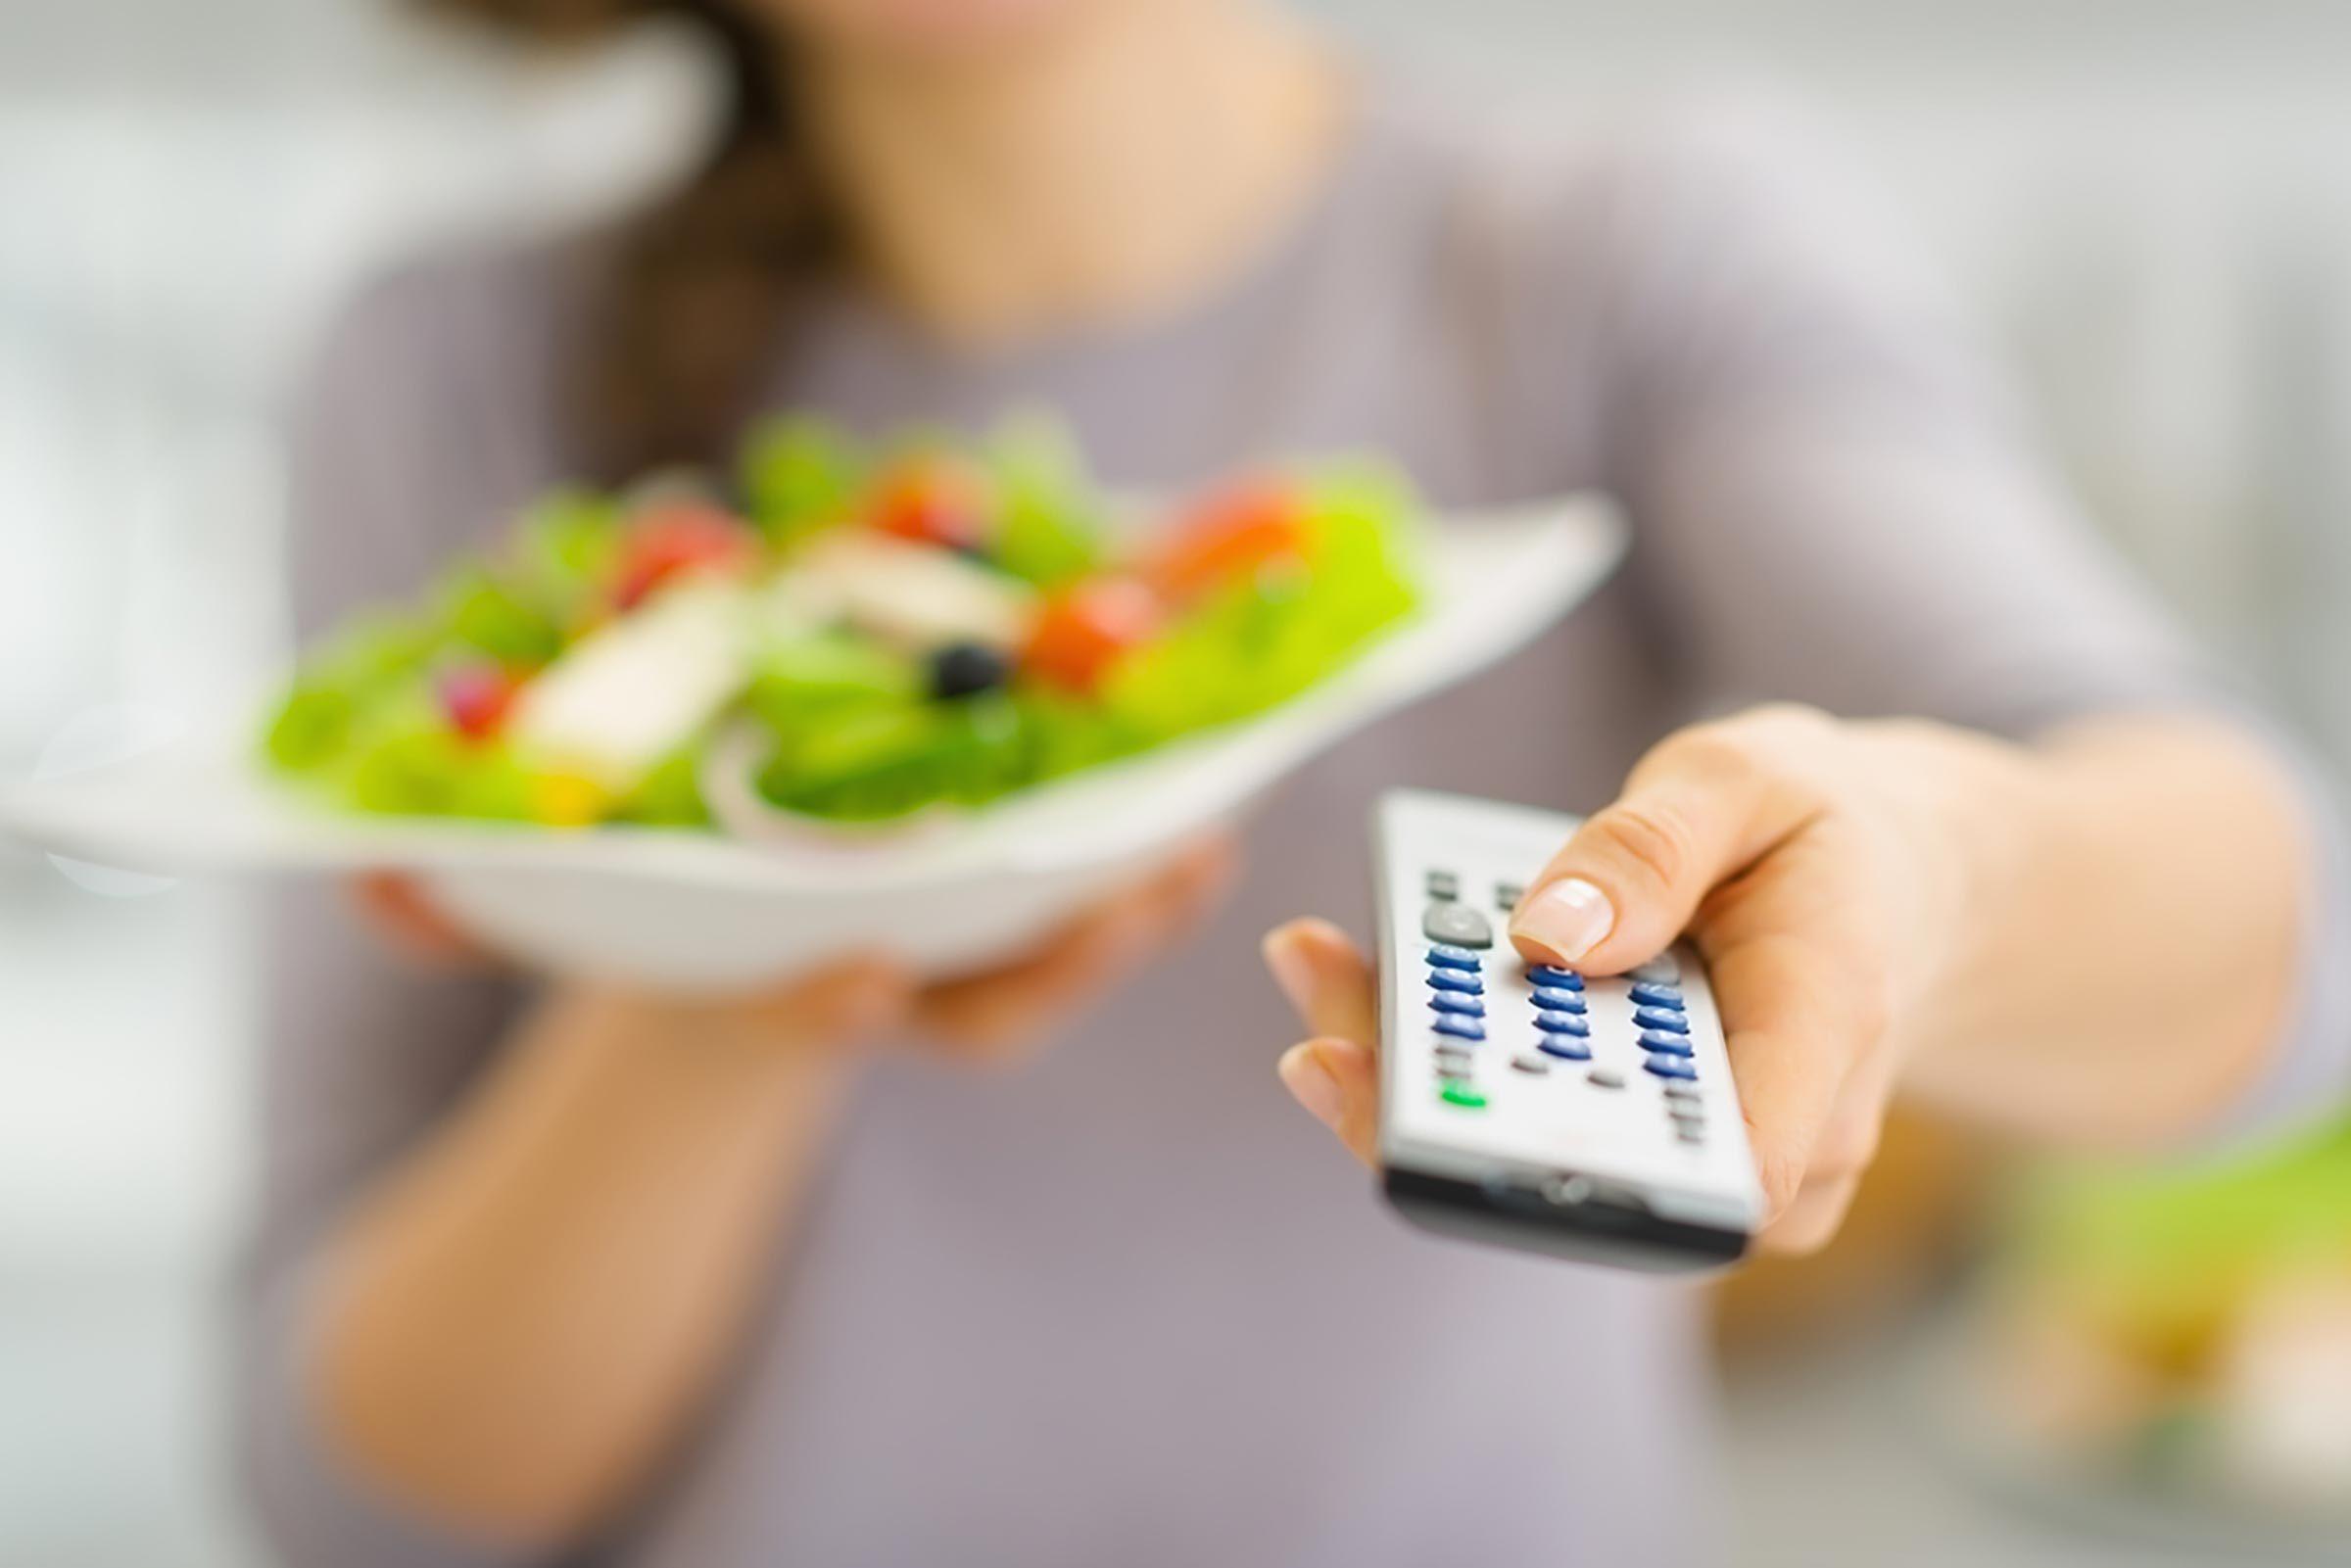 Conseil de santé : ne pas manger devant la télé